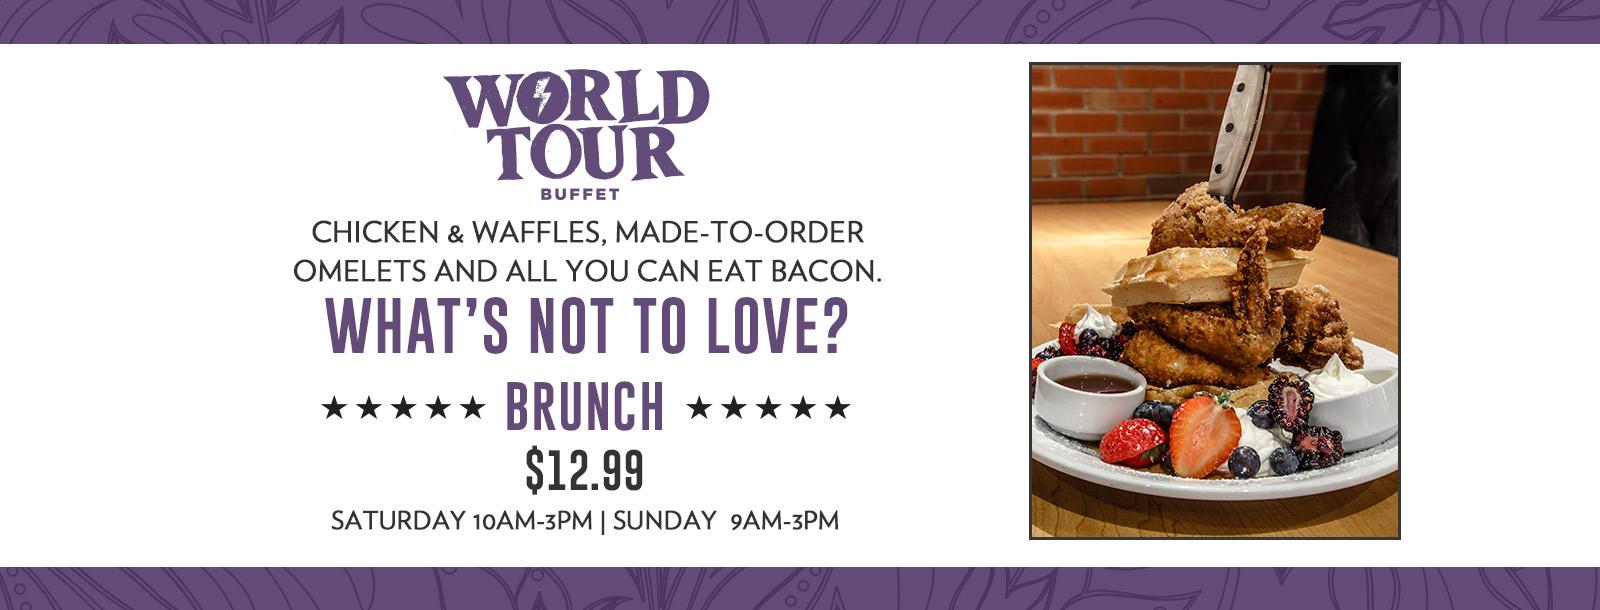 brunch special - sioux city world tour buffet